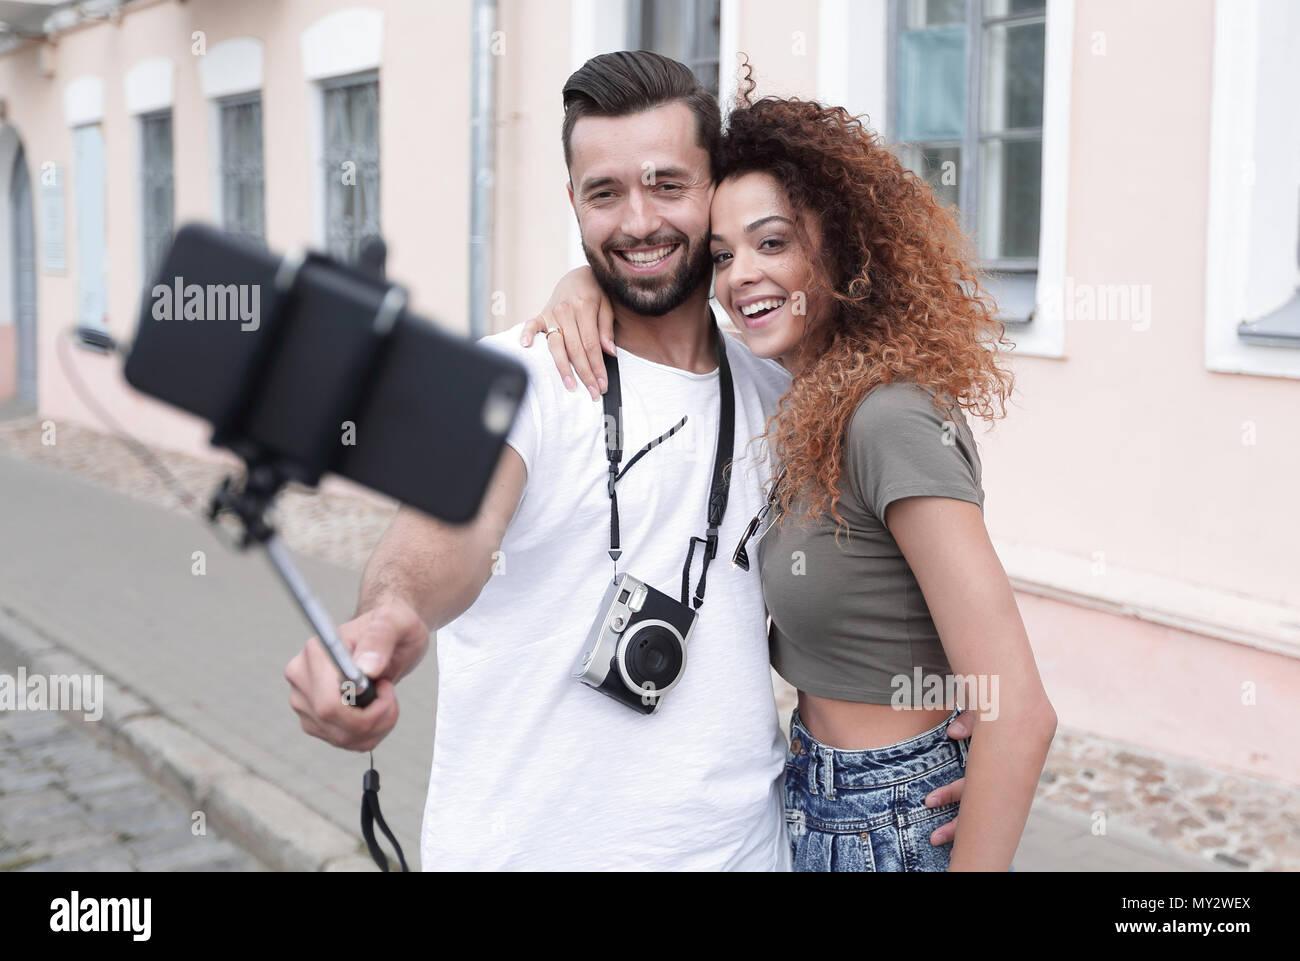 Bon voyage couple, selfies humeur romantique. Photo Stock